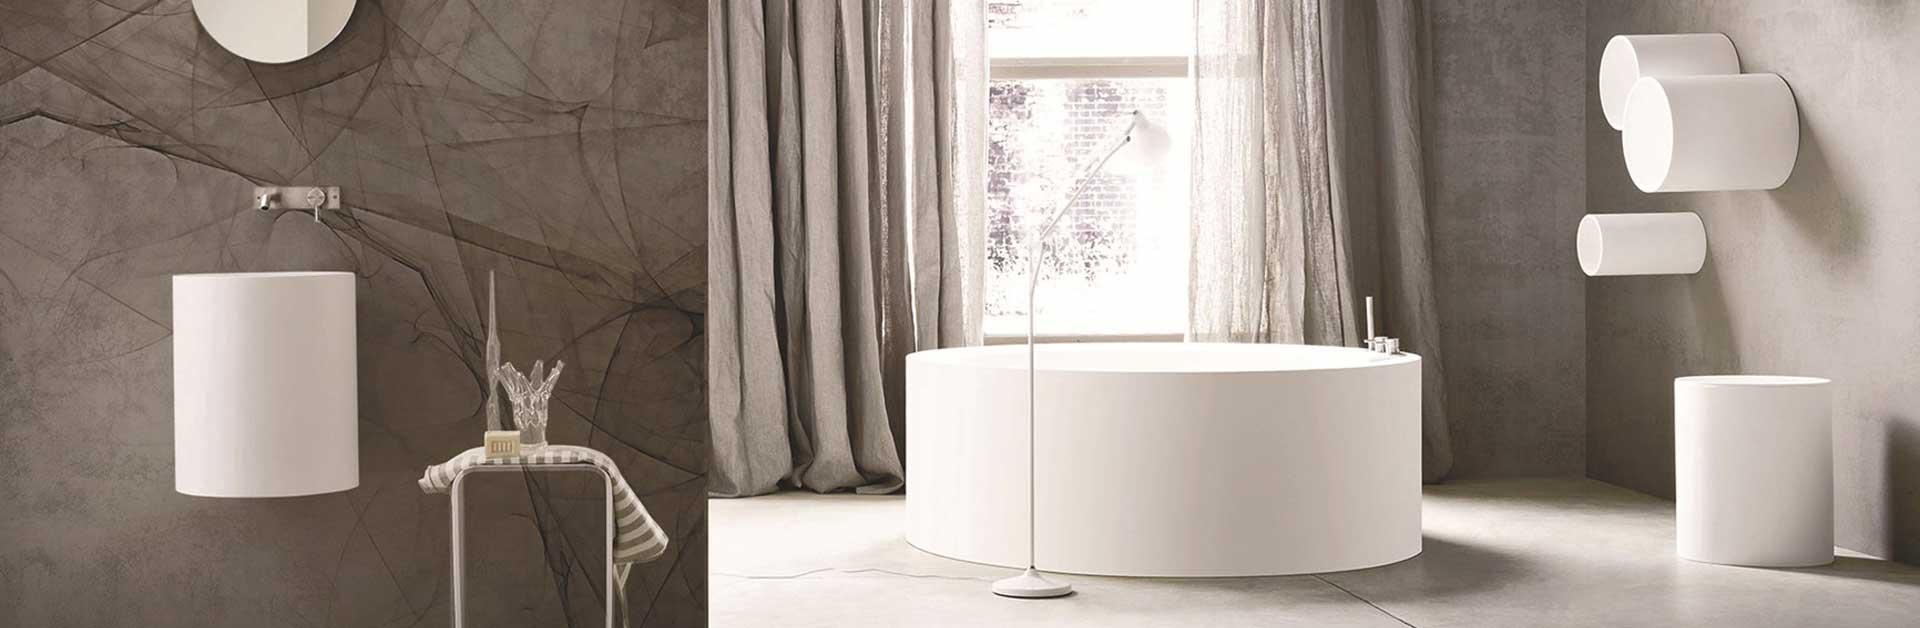 Bagno Center Tutto per il tuo bagno, prodotti in offerta senza ...